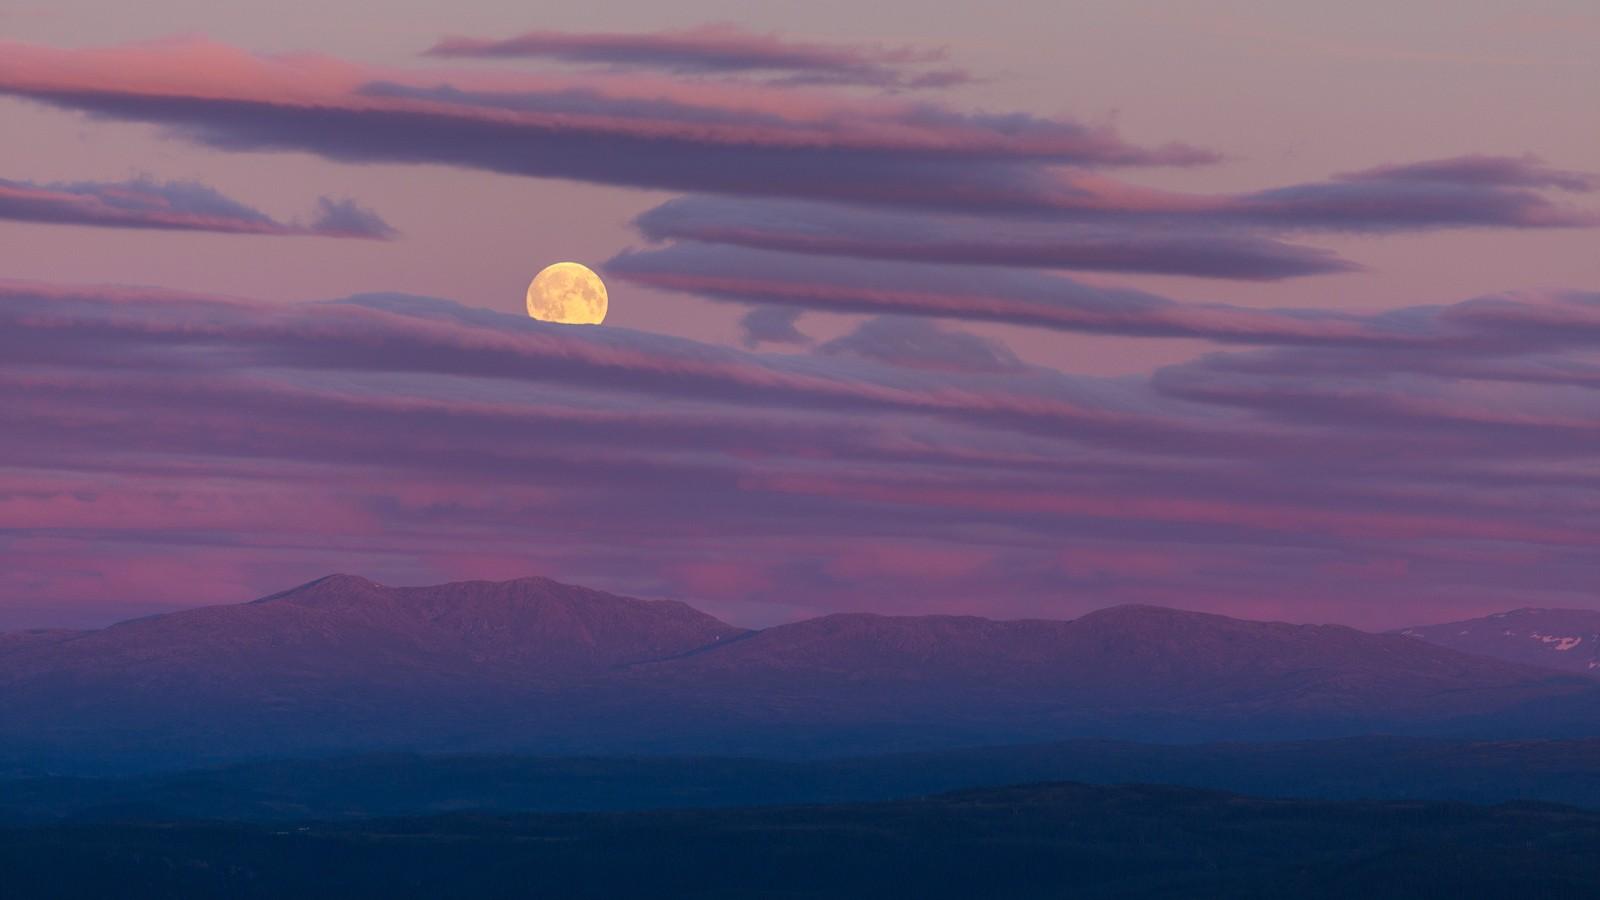 Månestemning på Forbordsfjellet